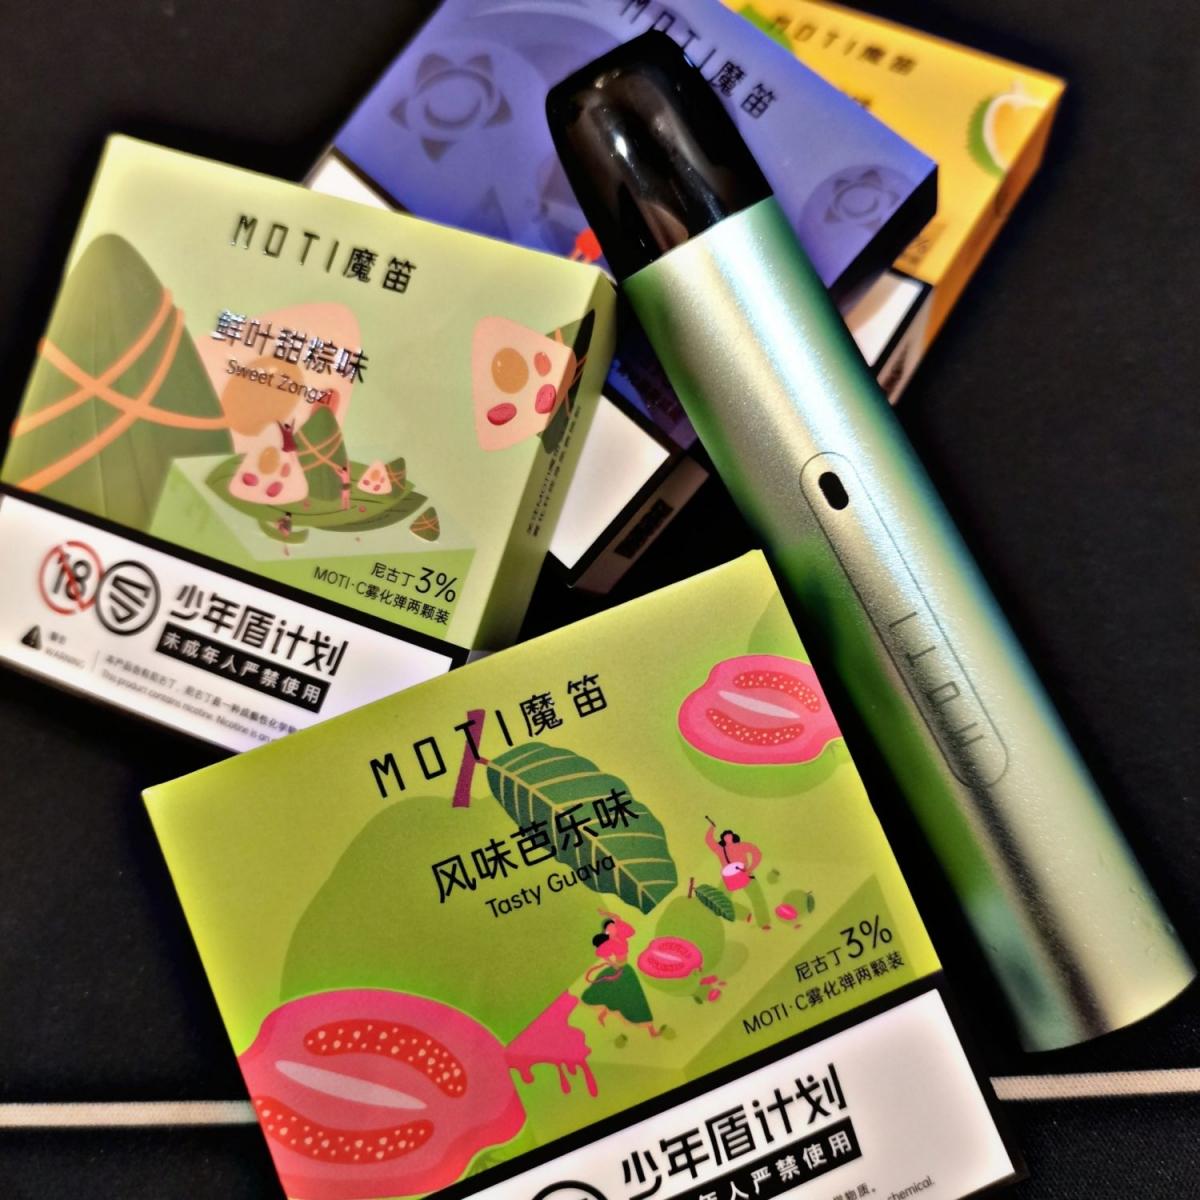 MOTI C pod vape new flavor review